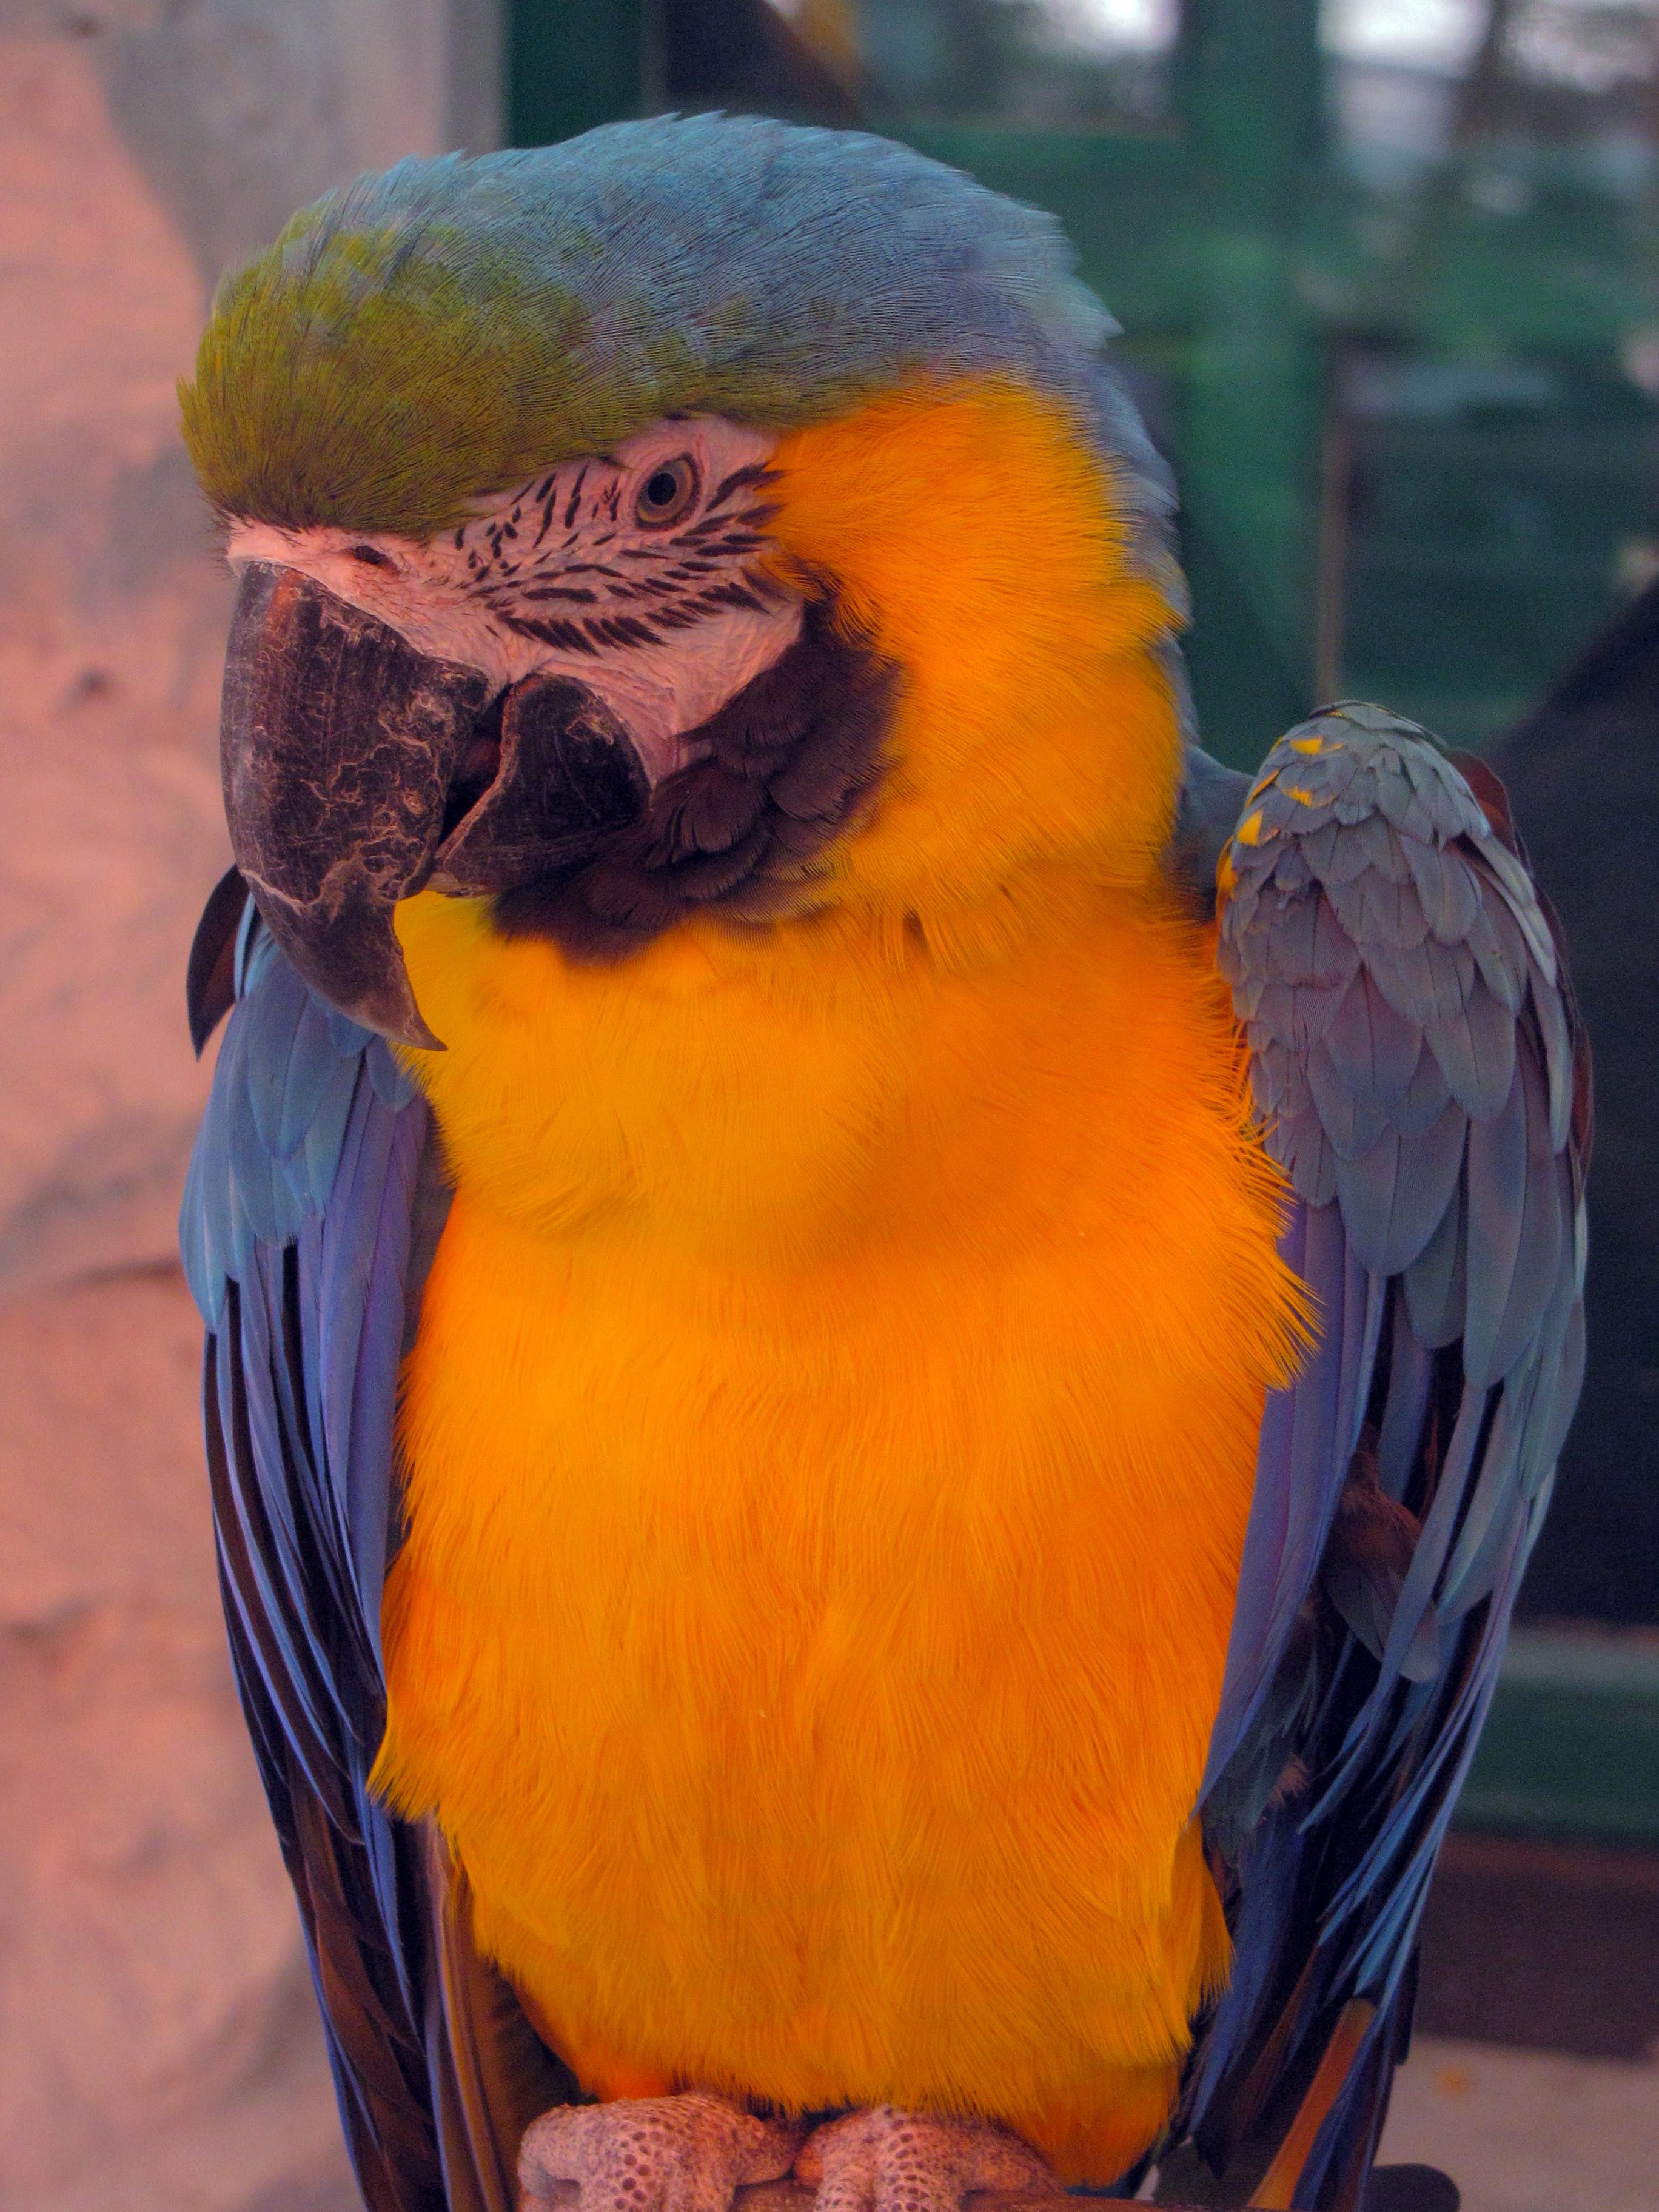 bilder von papageien - malvorlagen gratis